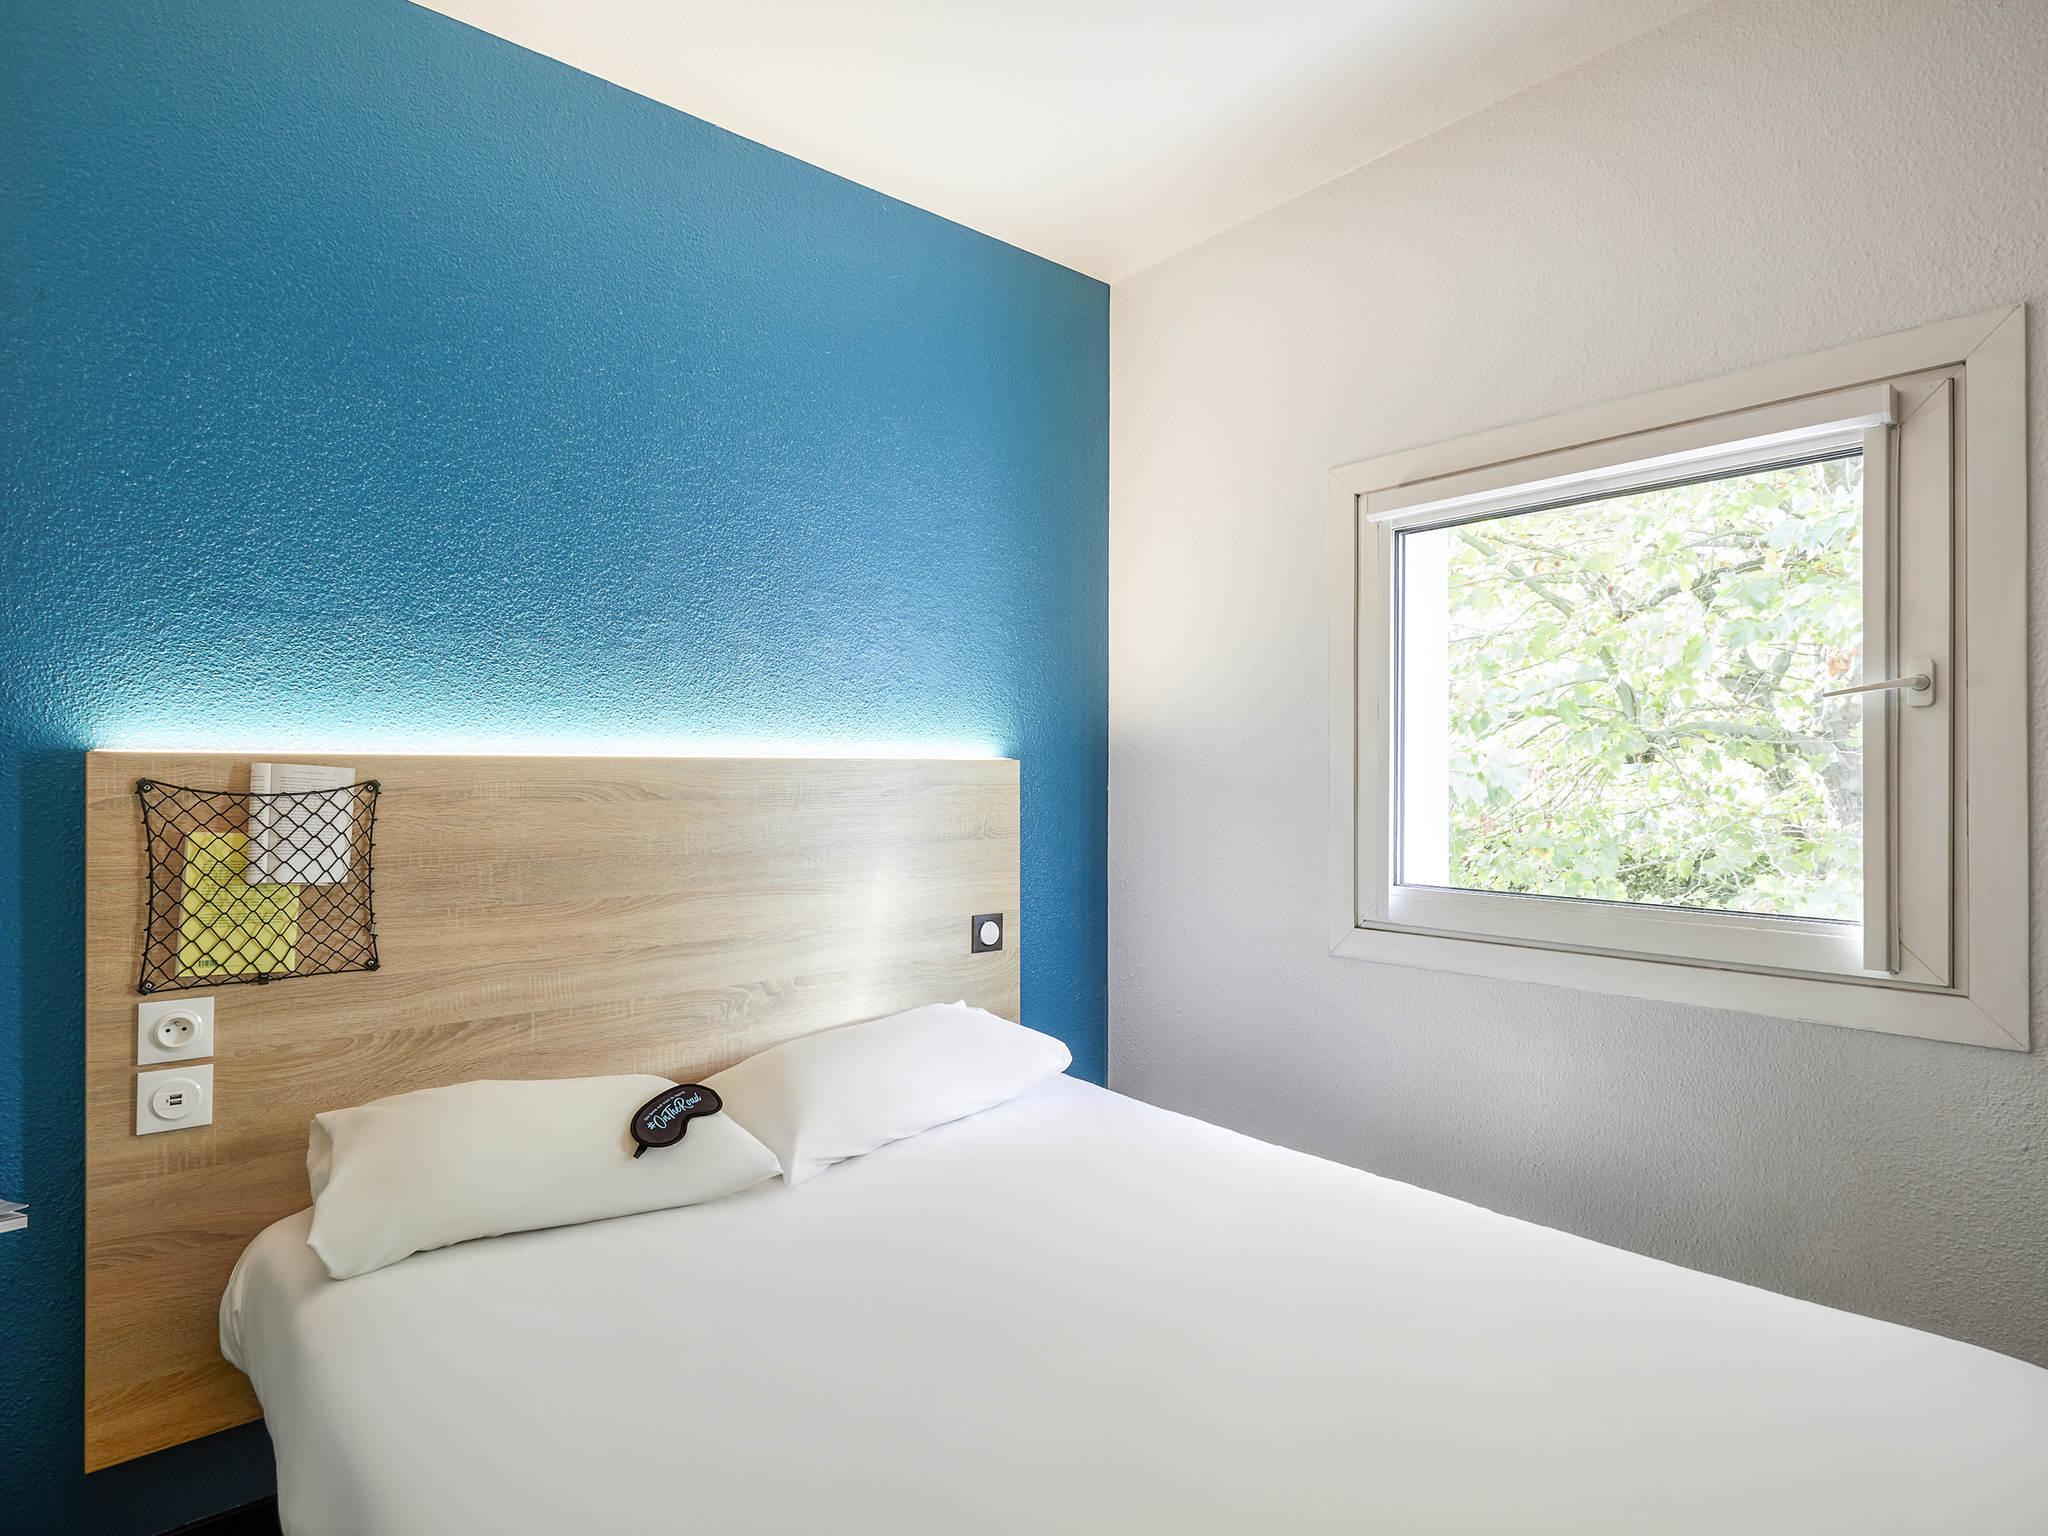 โรงแรม – hotelF1 Lille Villeneuve-d'Ascq